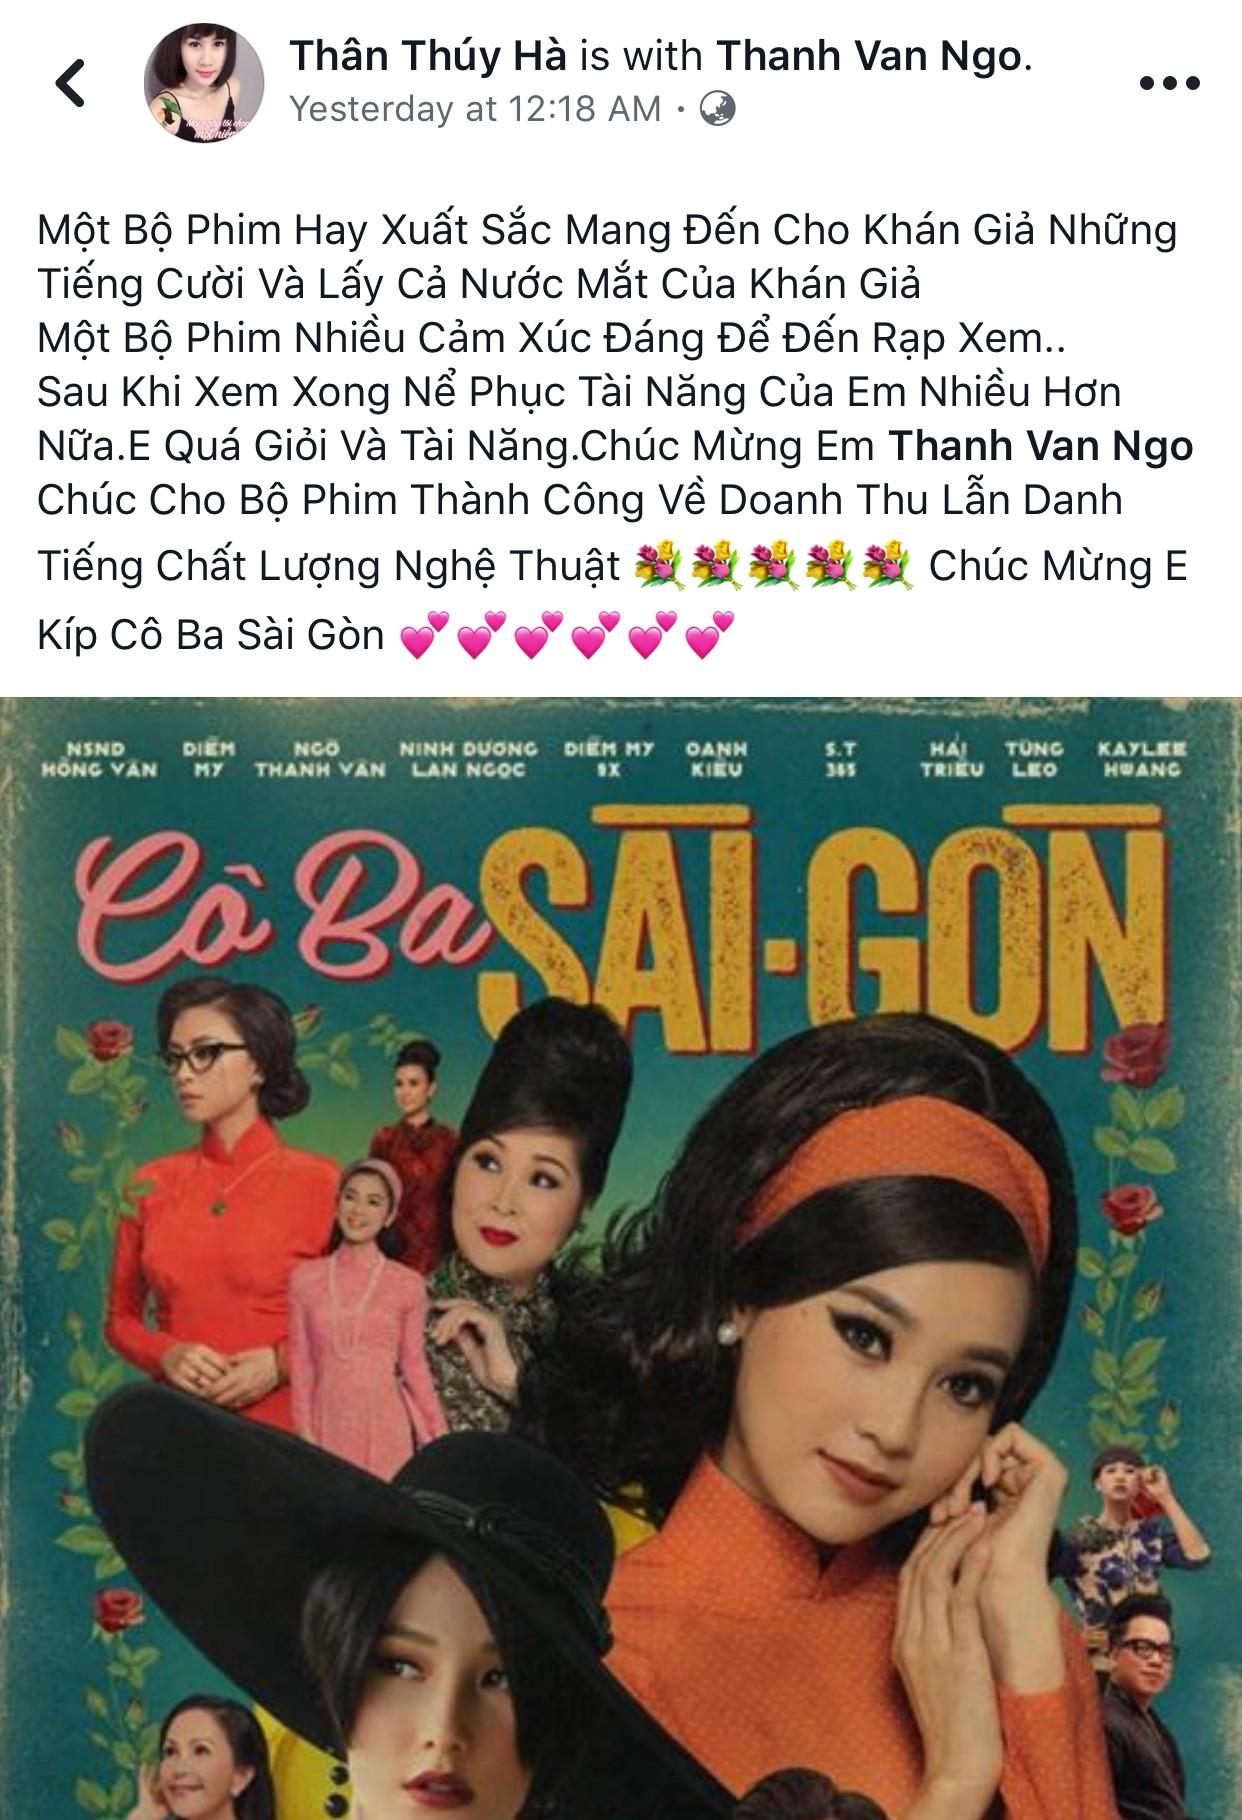 Tăng Thanh Hà, Lương Mạnh Hải và nhiều sao Việt đồng loạt khen ngợi Cô Ba Sài Gòn hết lời - Ảnh 18.